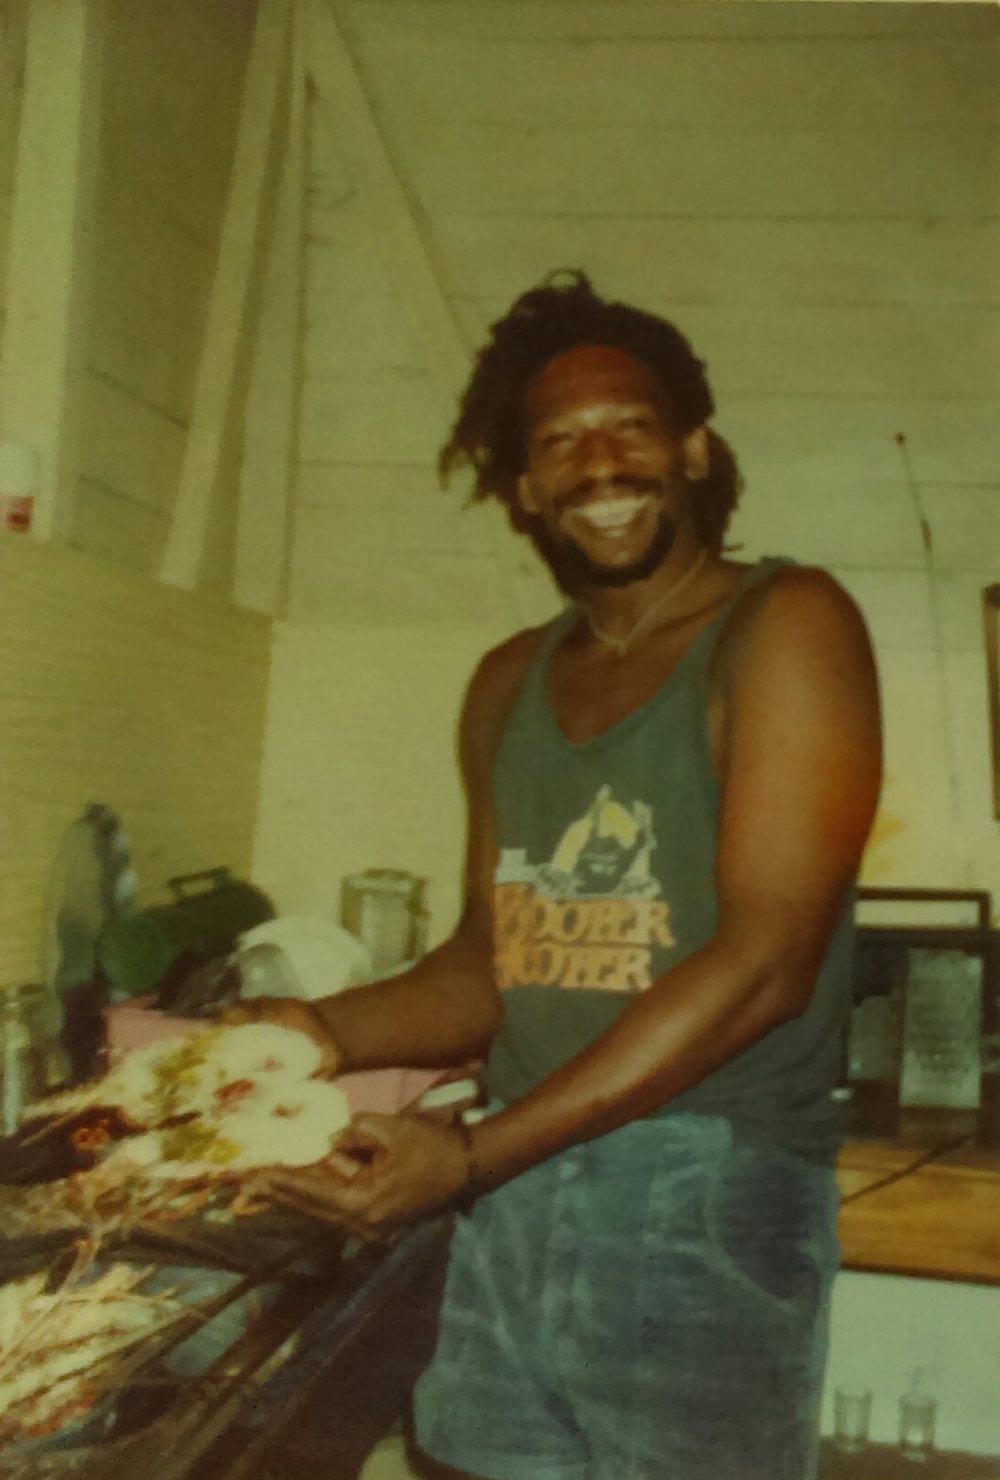 MD_001_010    Daniel Brown y la langosta    Playa Chiquita    1993?   En la Soda Acuario?   Daniel acaba de cocinar langosta.